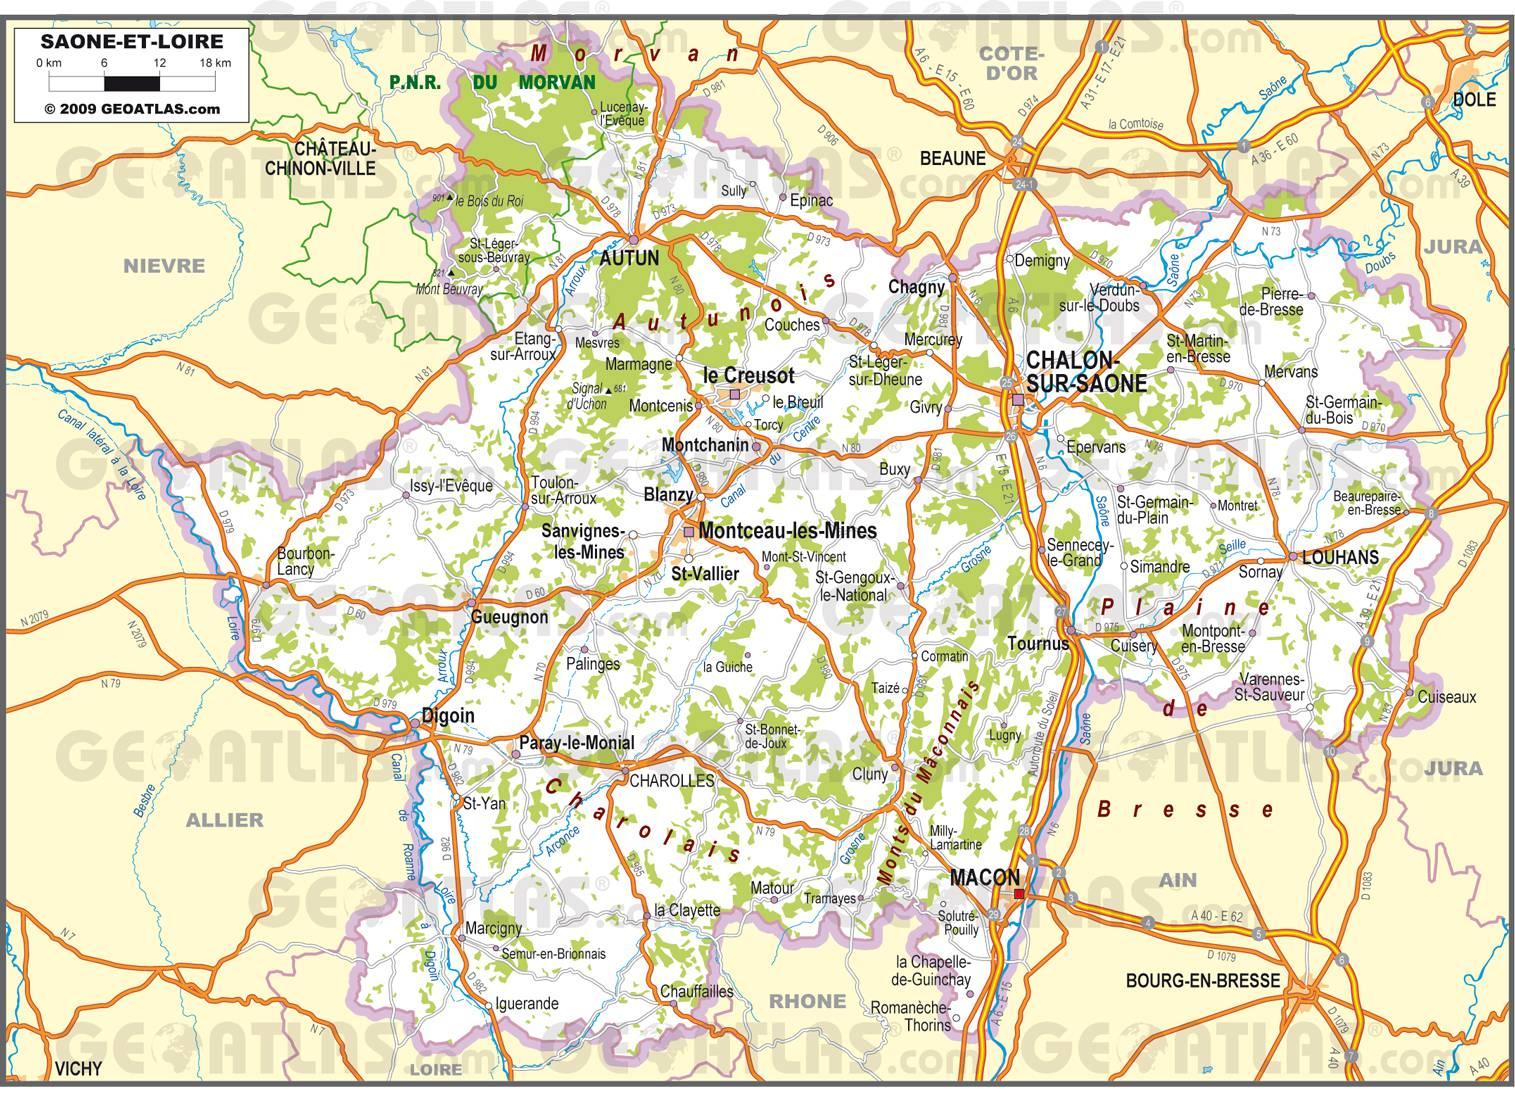 carte geographique saone et loire - Image